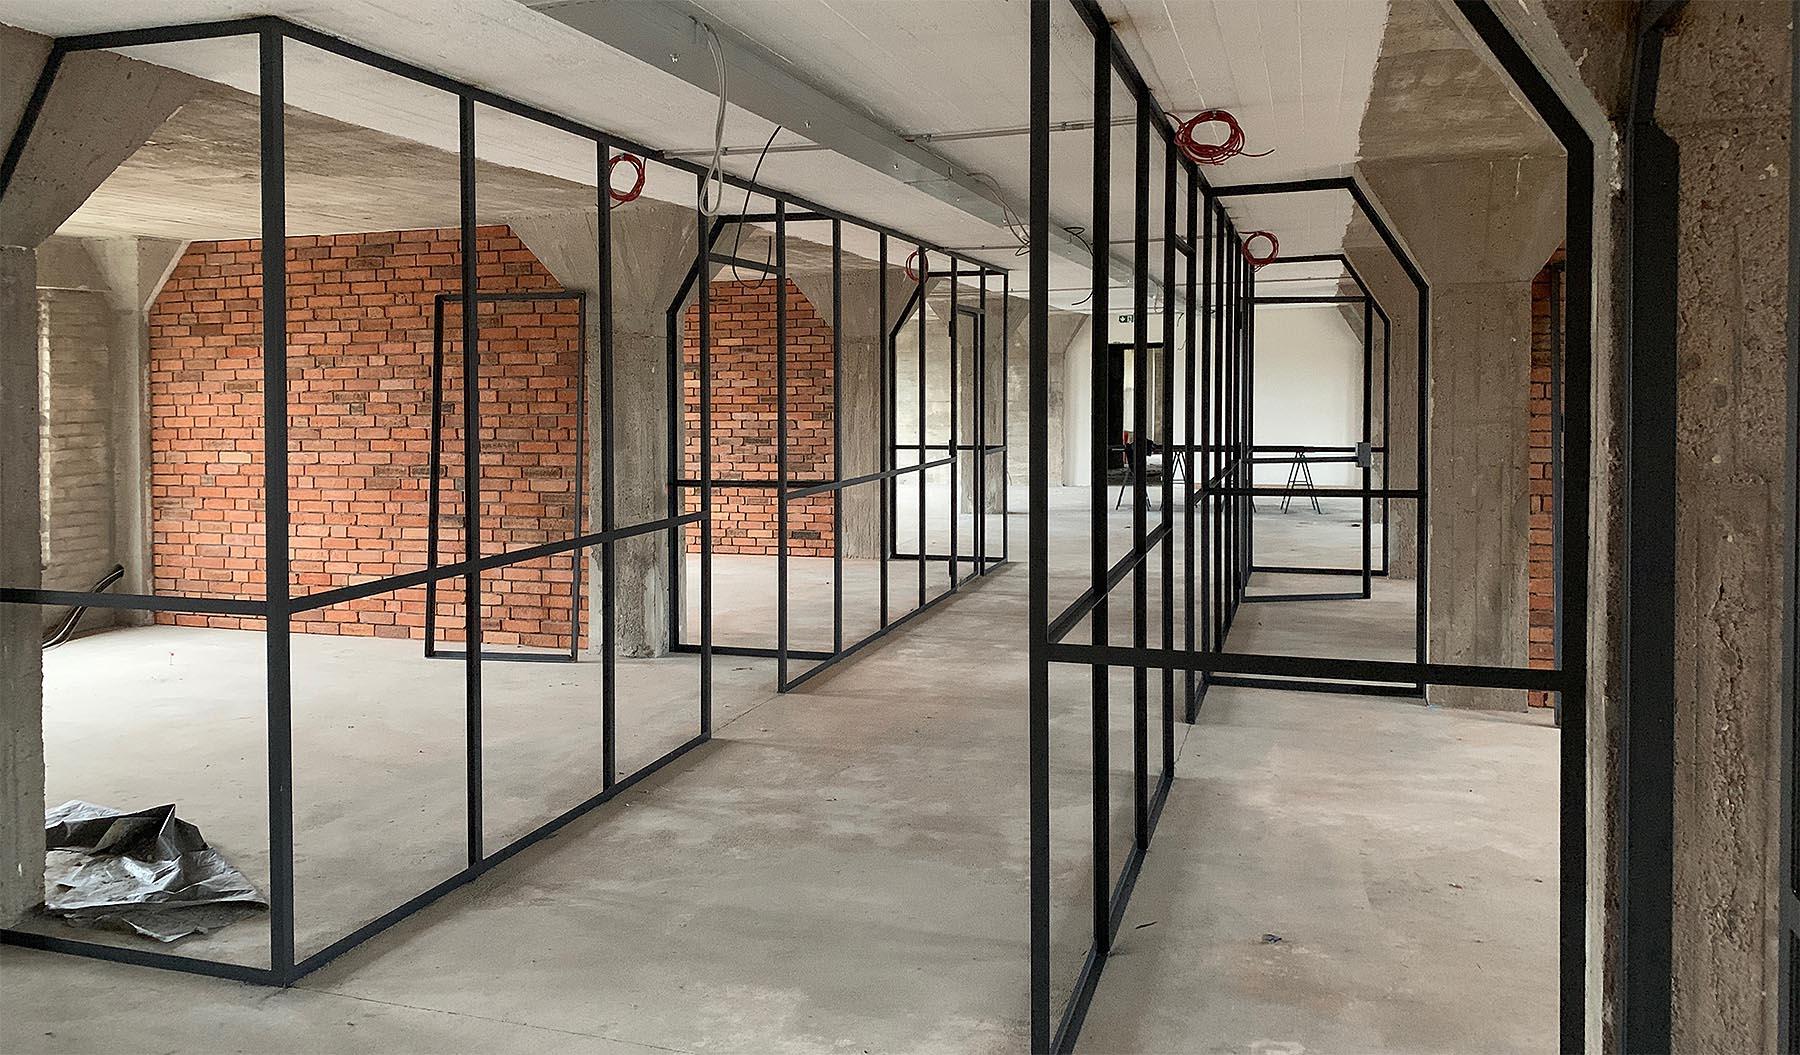 Tolle Architektur im Leisen Speicher. Die Werbeagentur HASEGOLD zieht im Februar 2020 in der Osnabrücker Hafen.